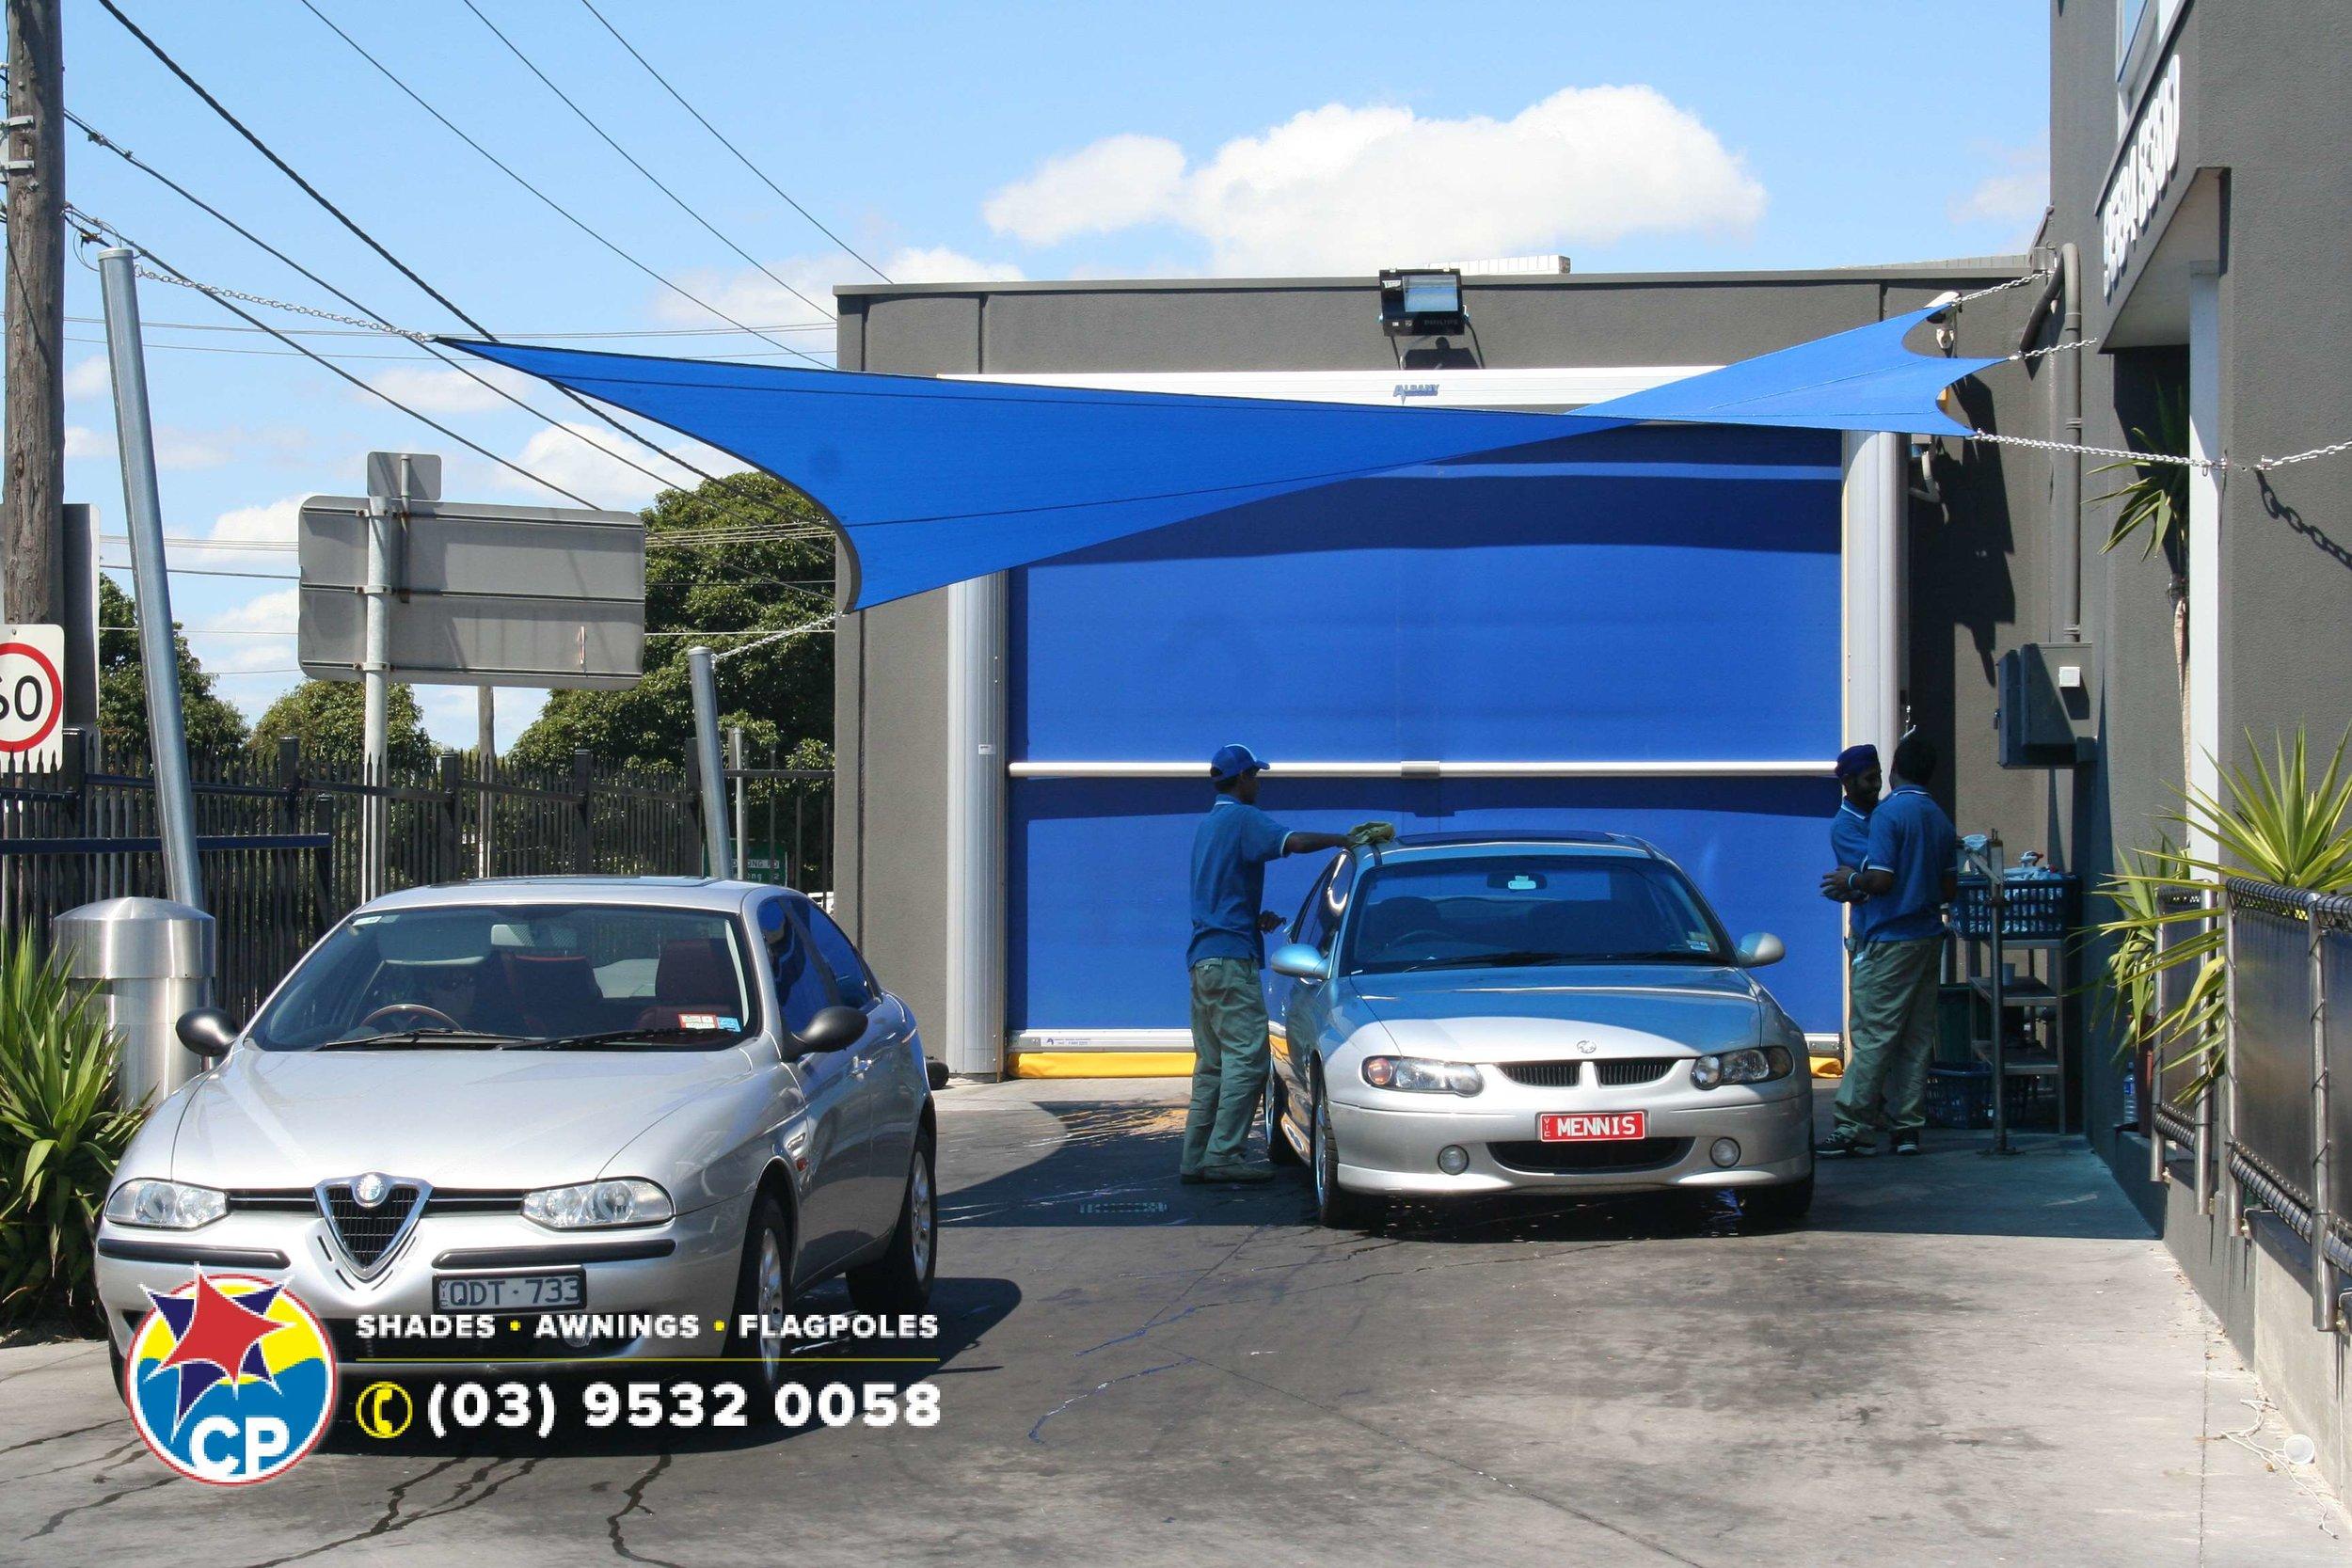 CP Car Wash Blue Shade Sails 2 2006.jpg